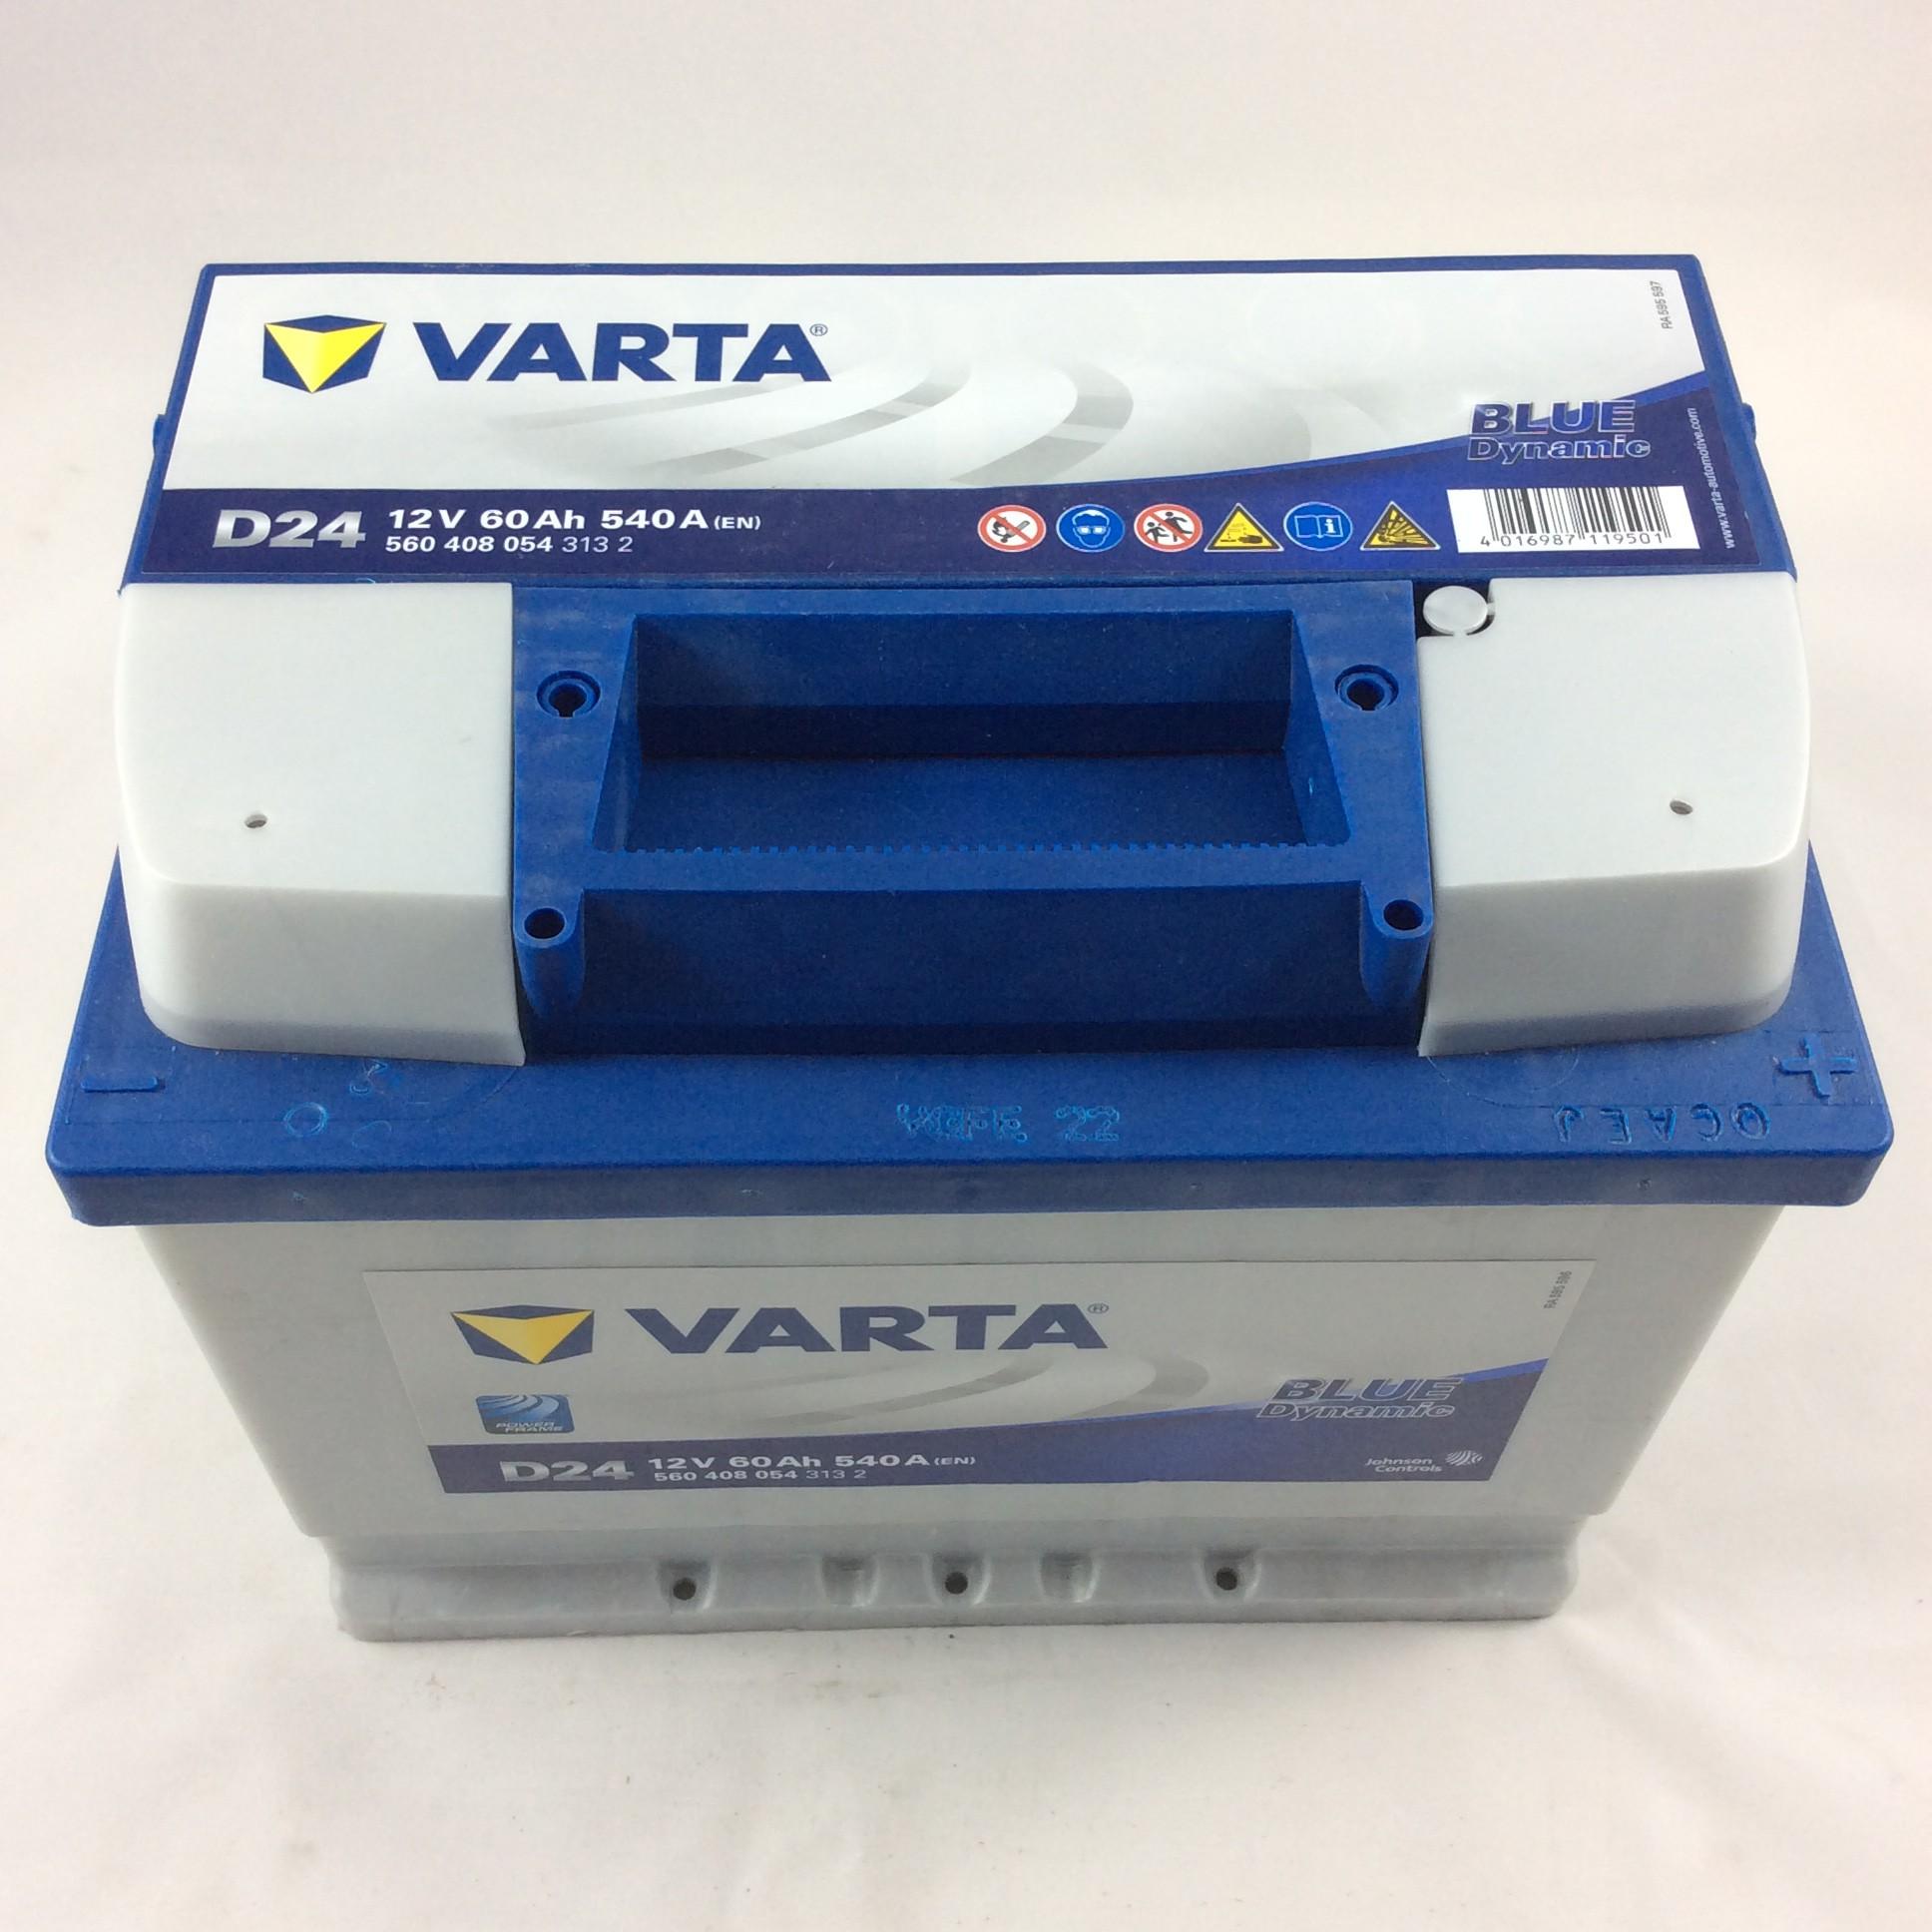 BATTERIA VARTA 12V 60AH 40A(EN) D24-